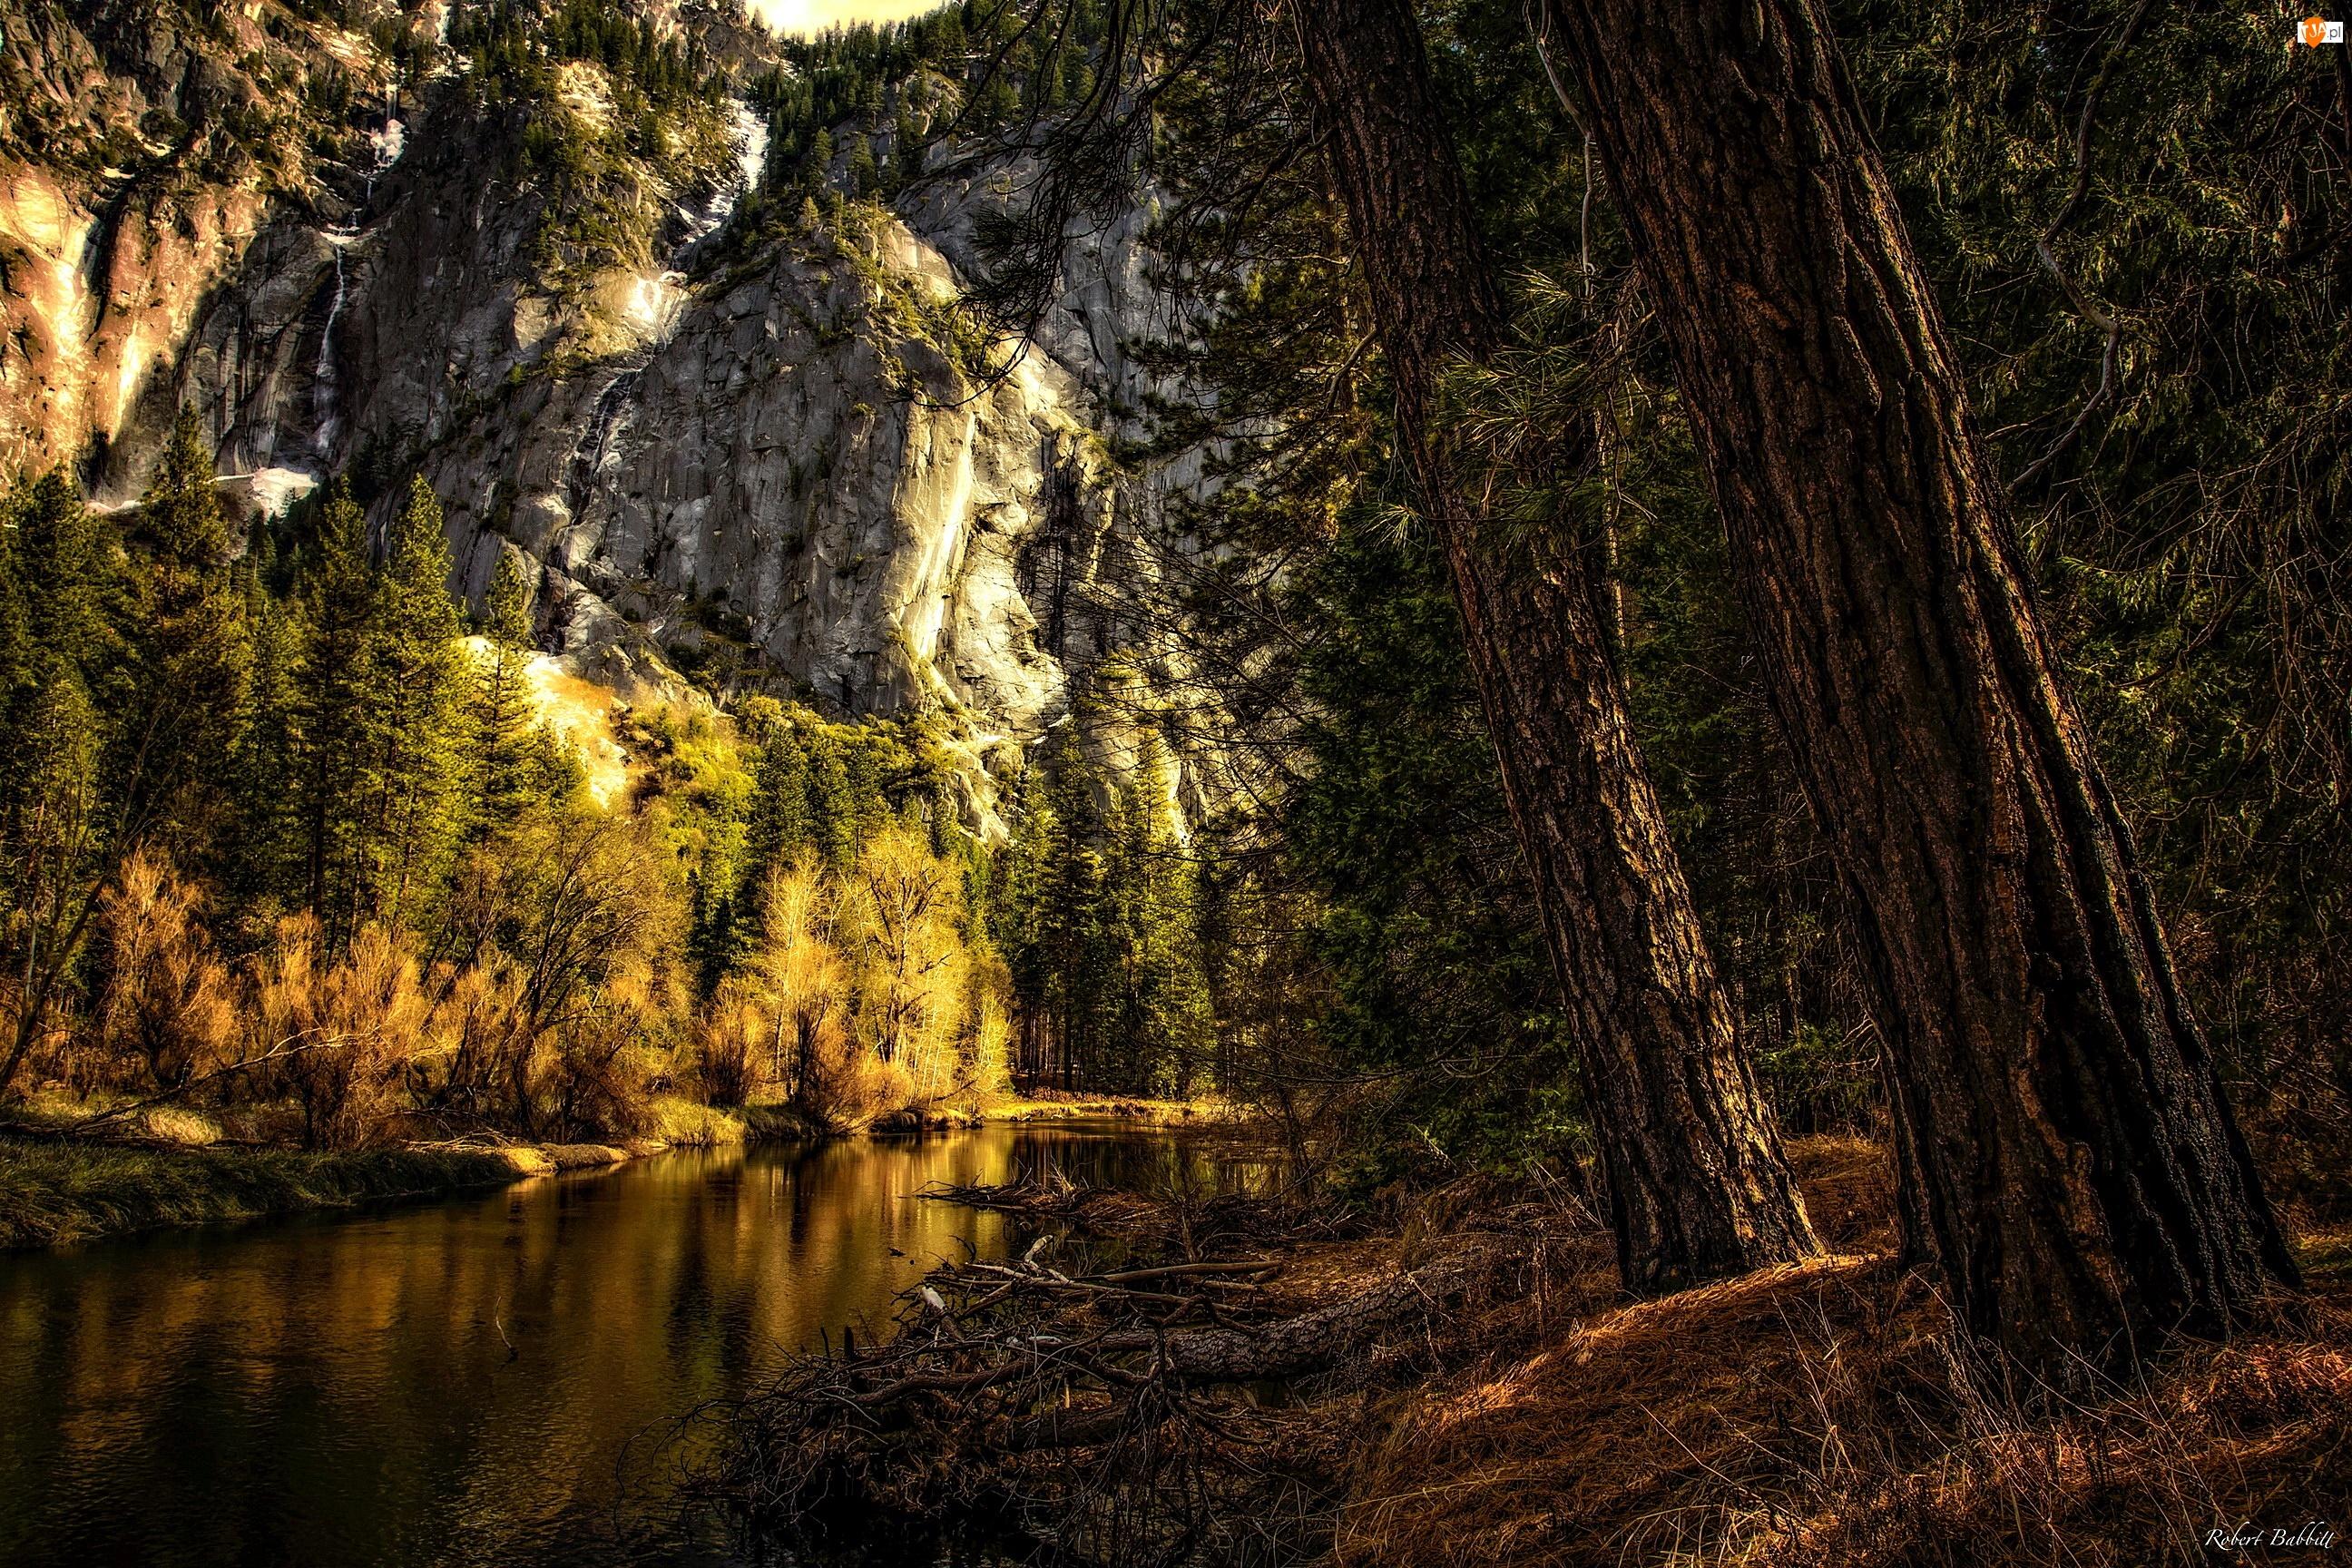 Park Narodowy Yosemite, Drzewa, Stany Zjednoczone, Las, Stan Kalifornia, Góry